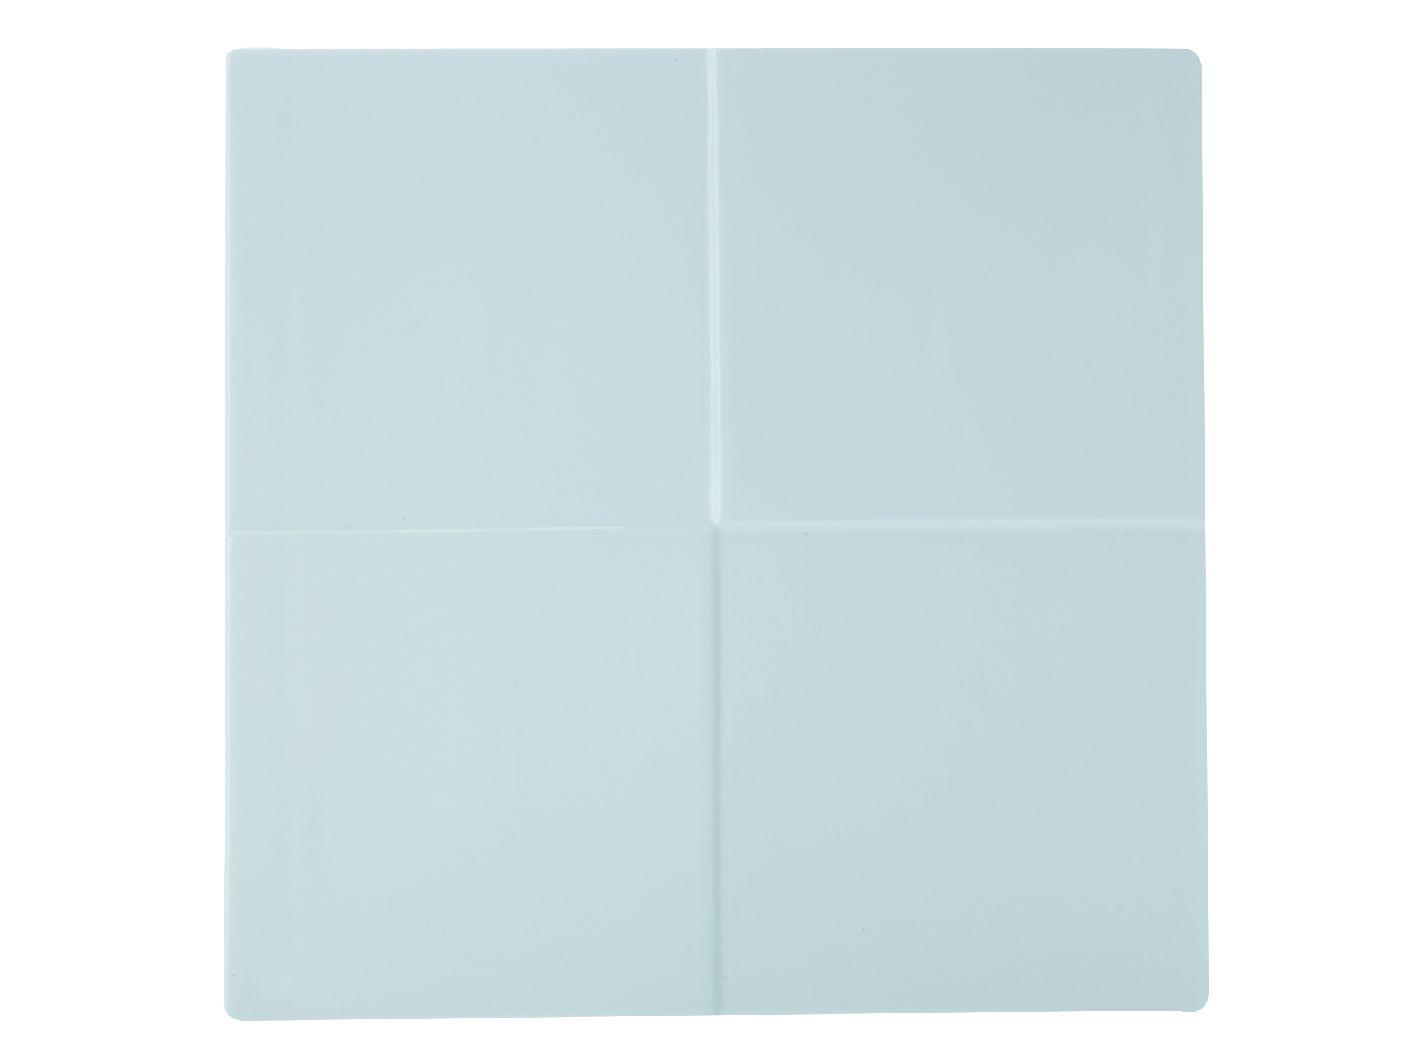 Porcelánový Čtvercový talíř motiv čtverec Metrix 30,5 cm - Maxwell&Williams